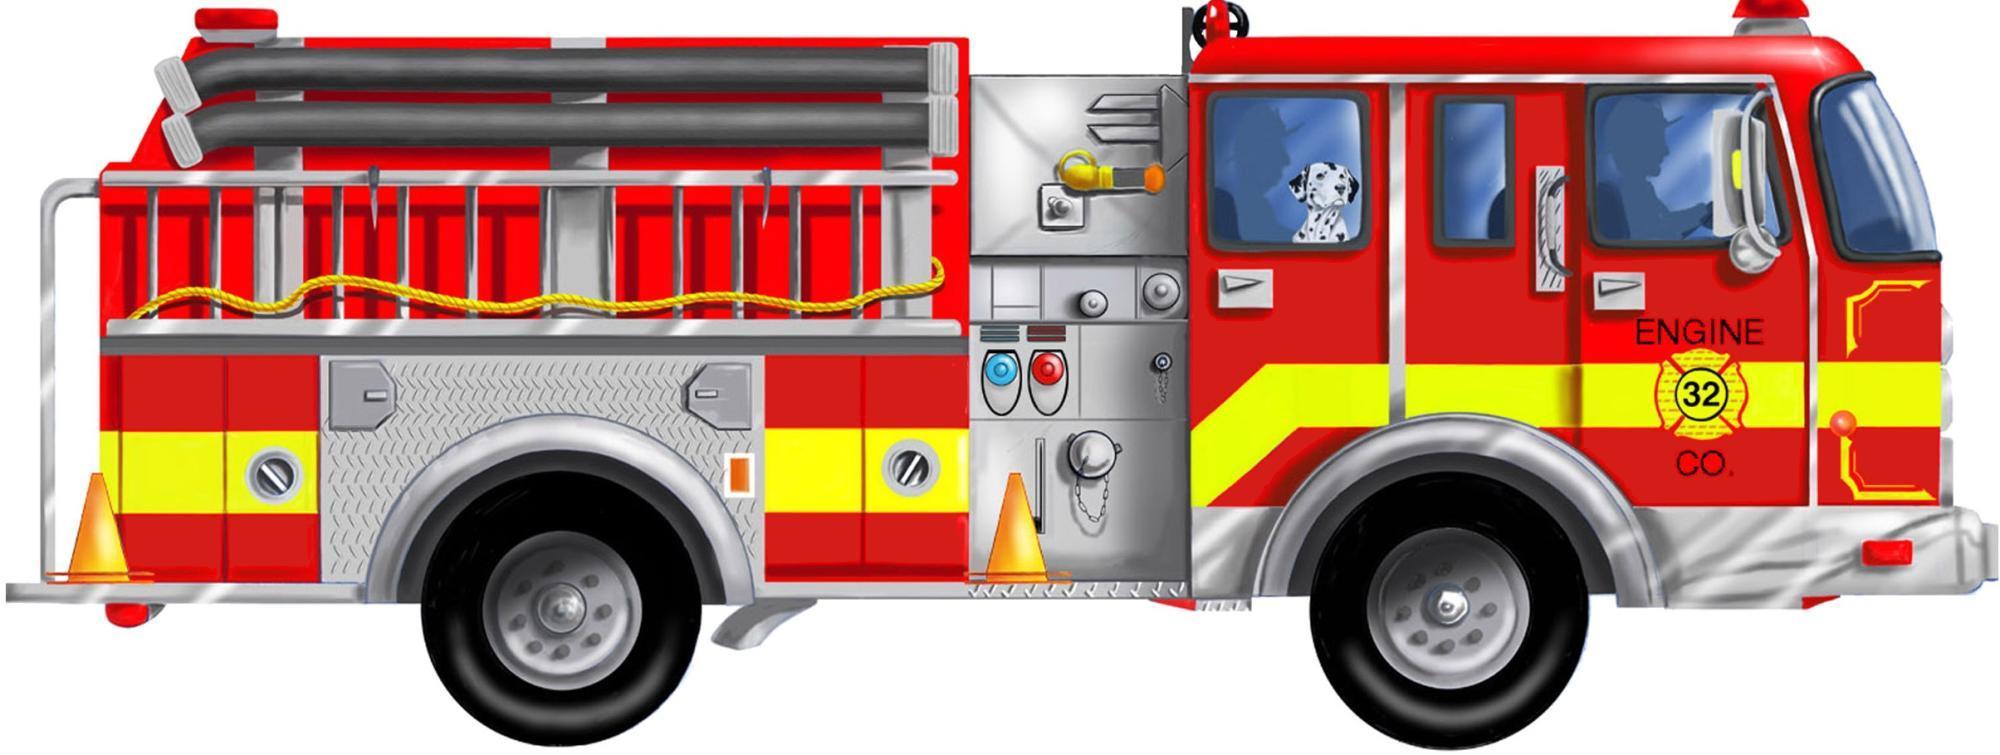 Cartoon Images Art Inserts Firetruck 18-Cartoon Images Art Inserts Firetruck 18-11